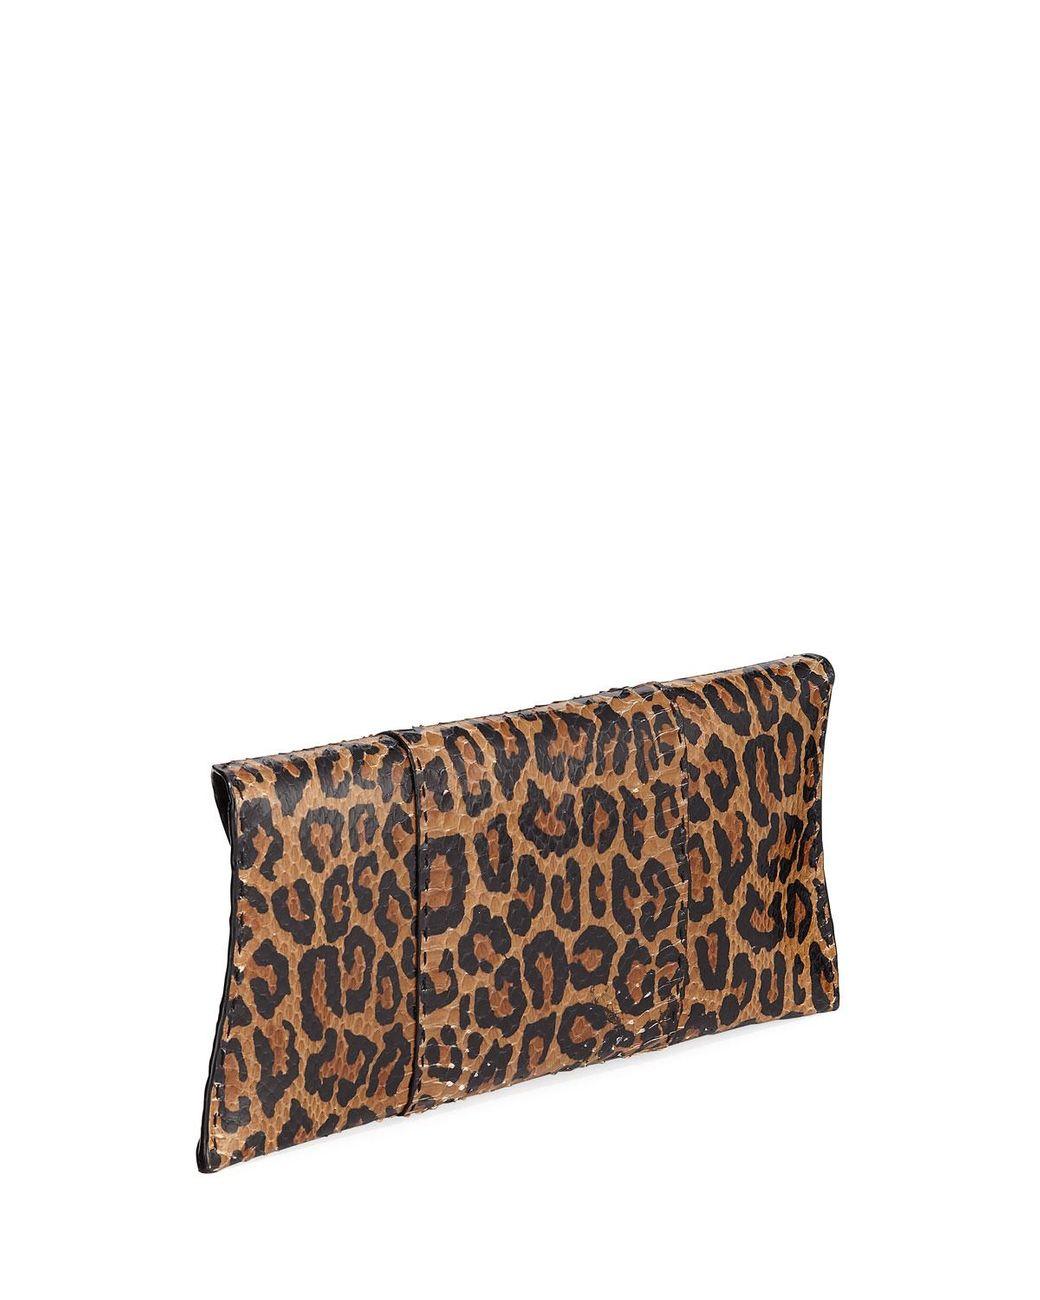 Leopard Crystal Flower Clutch Opera Wallet